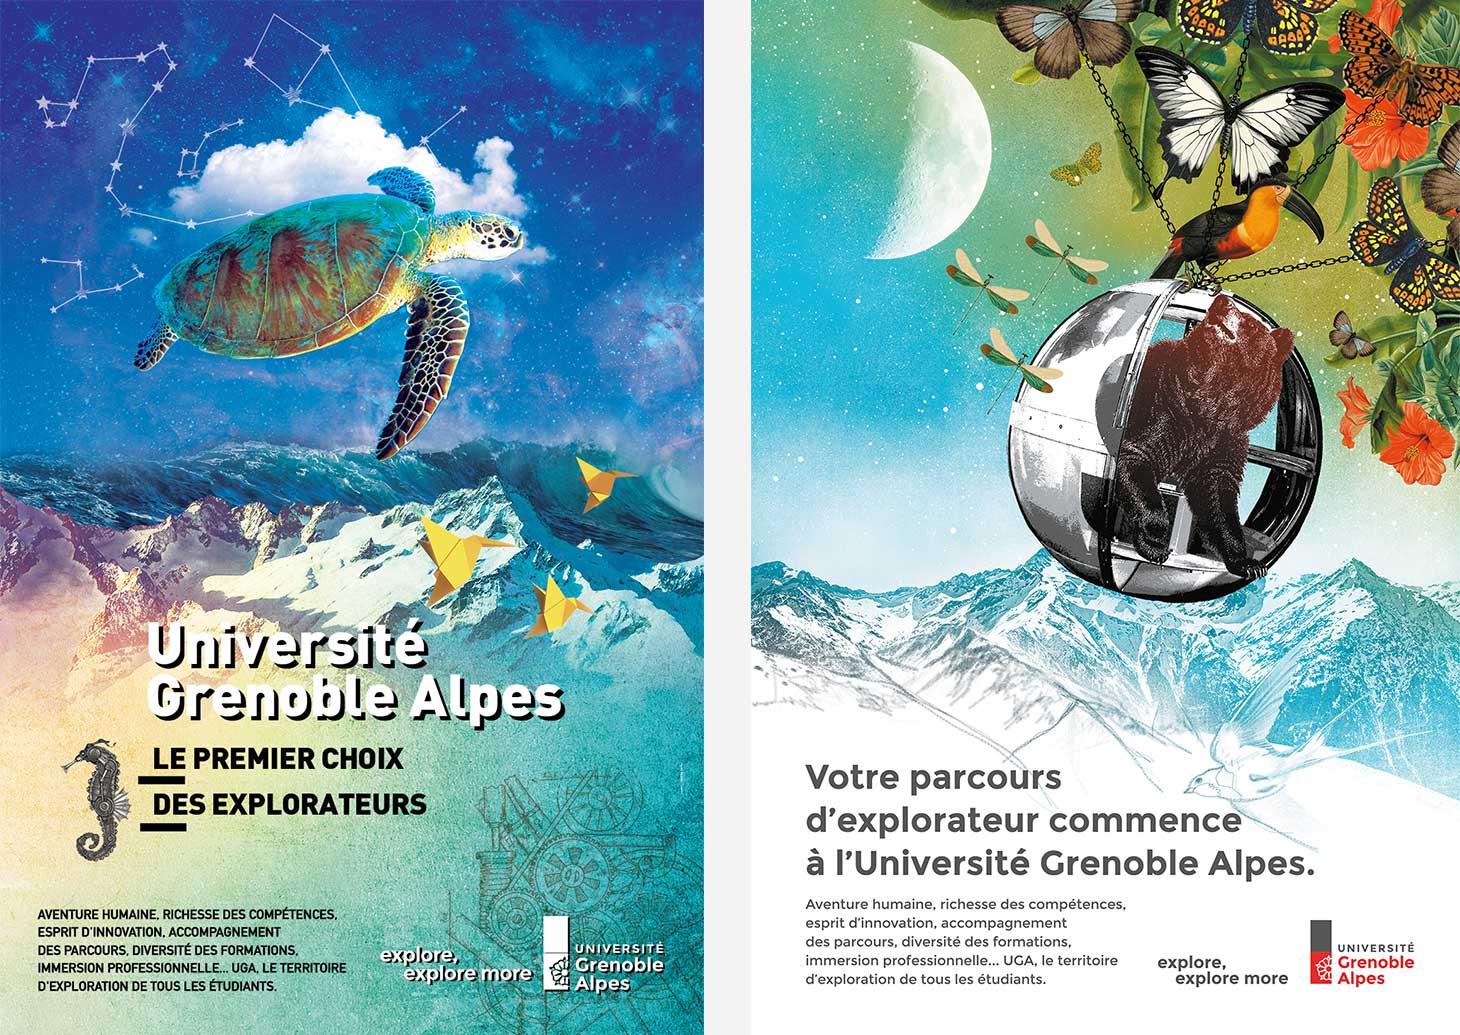 Affiches de la campagne Parcoursup 2019 de l'Université Grenoble Alpes